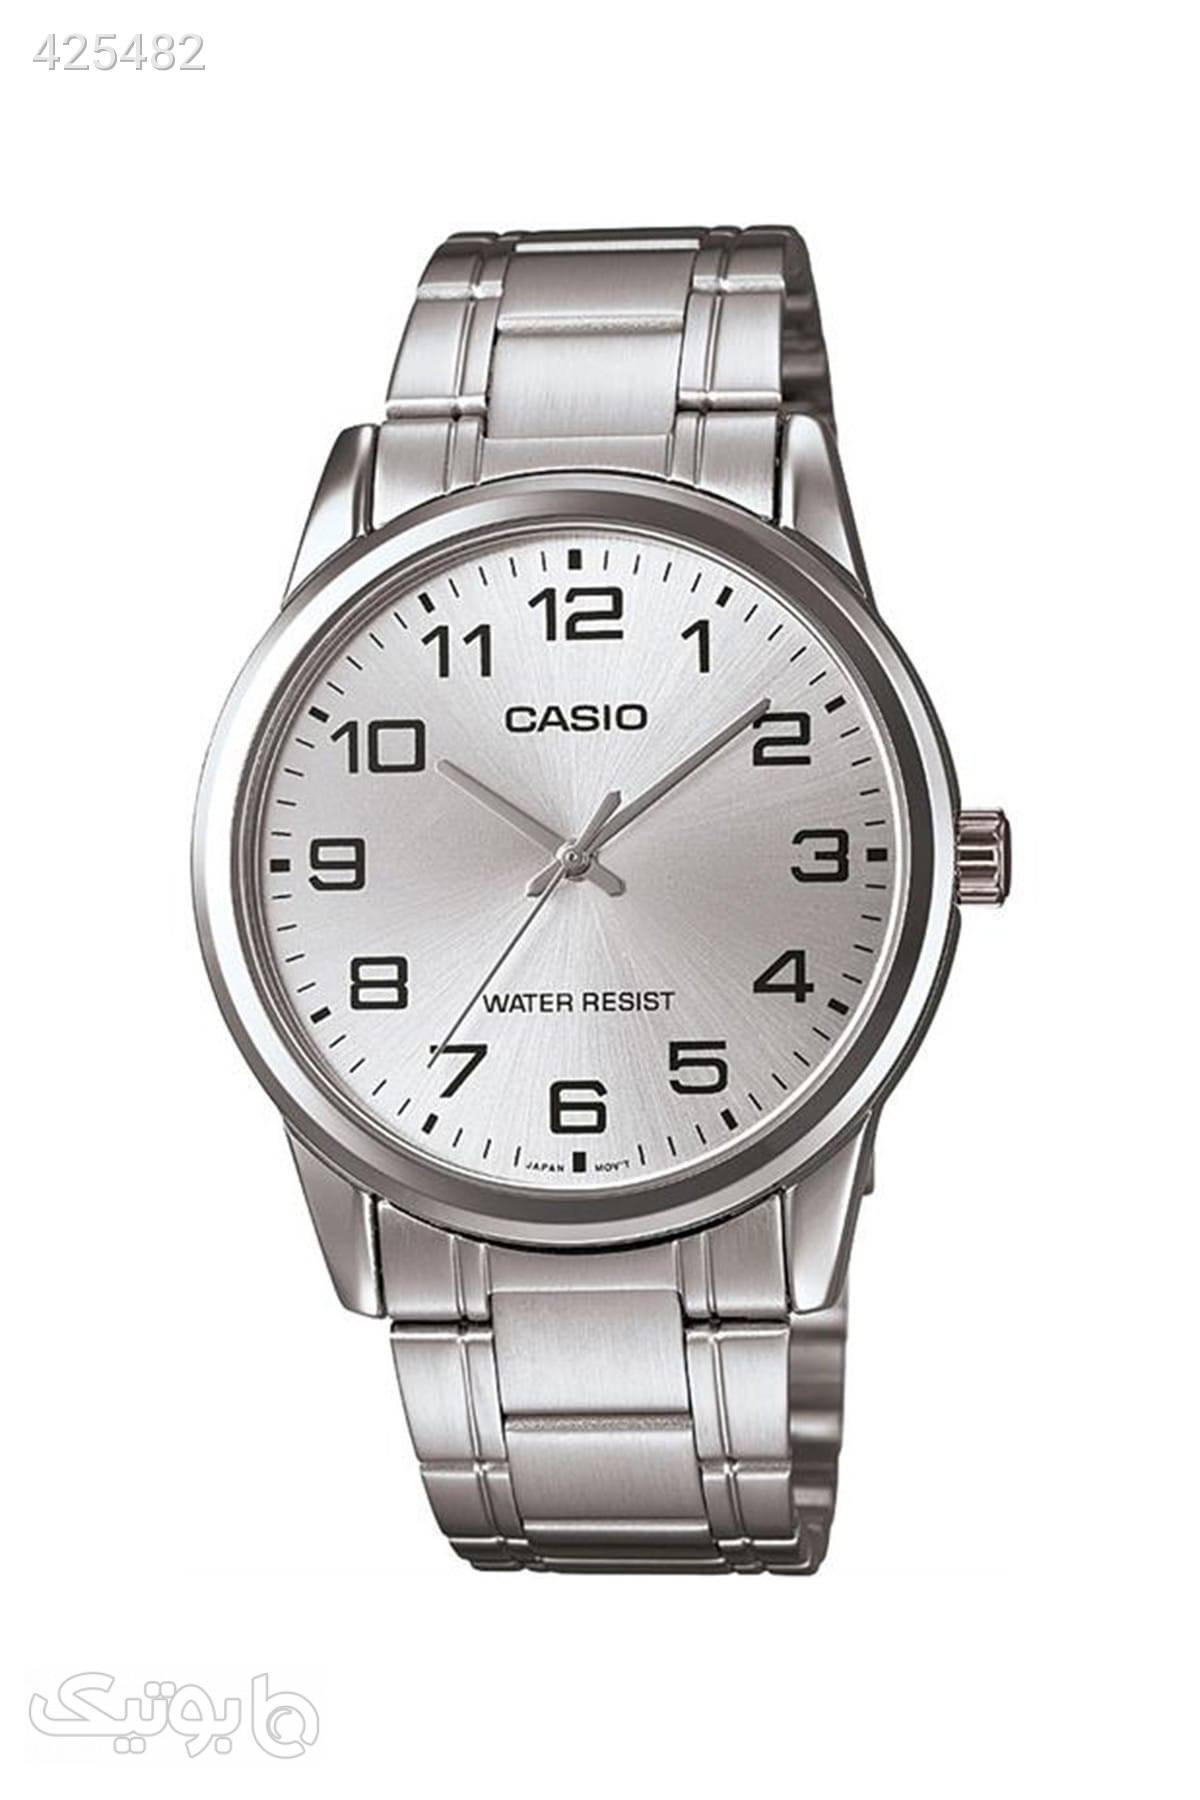 ساعت مردانه برند Casio کد 15856333 نقره ای ساعت